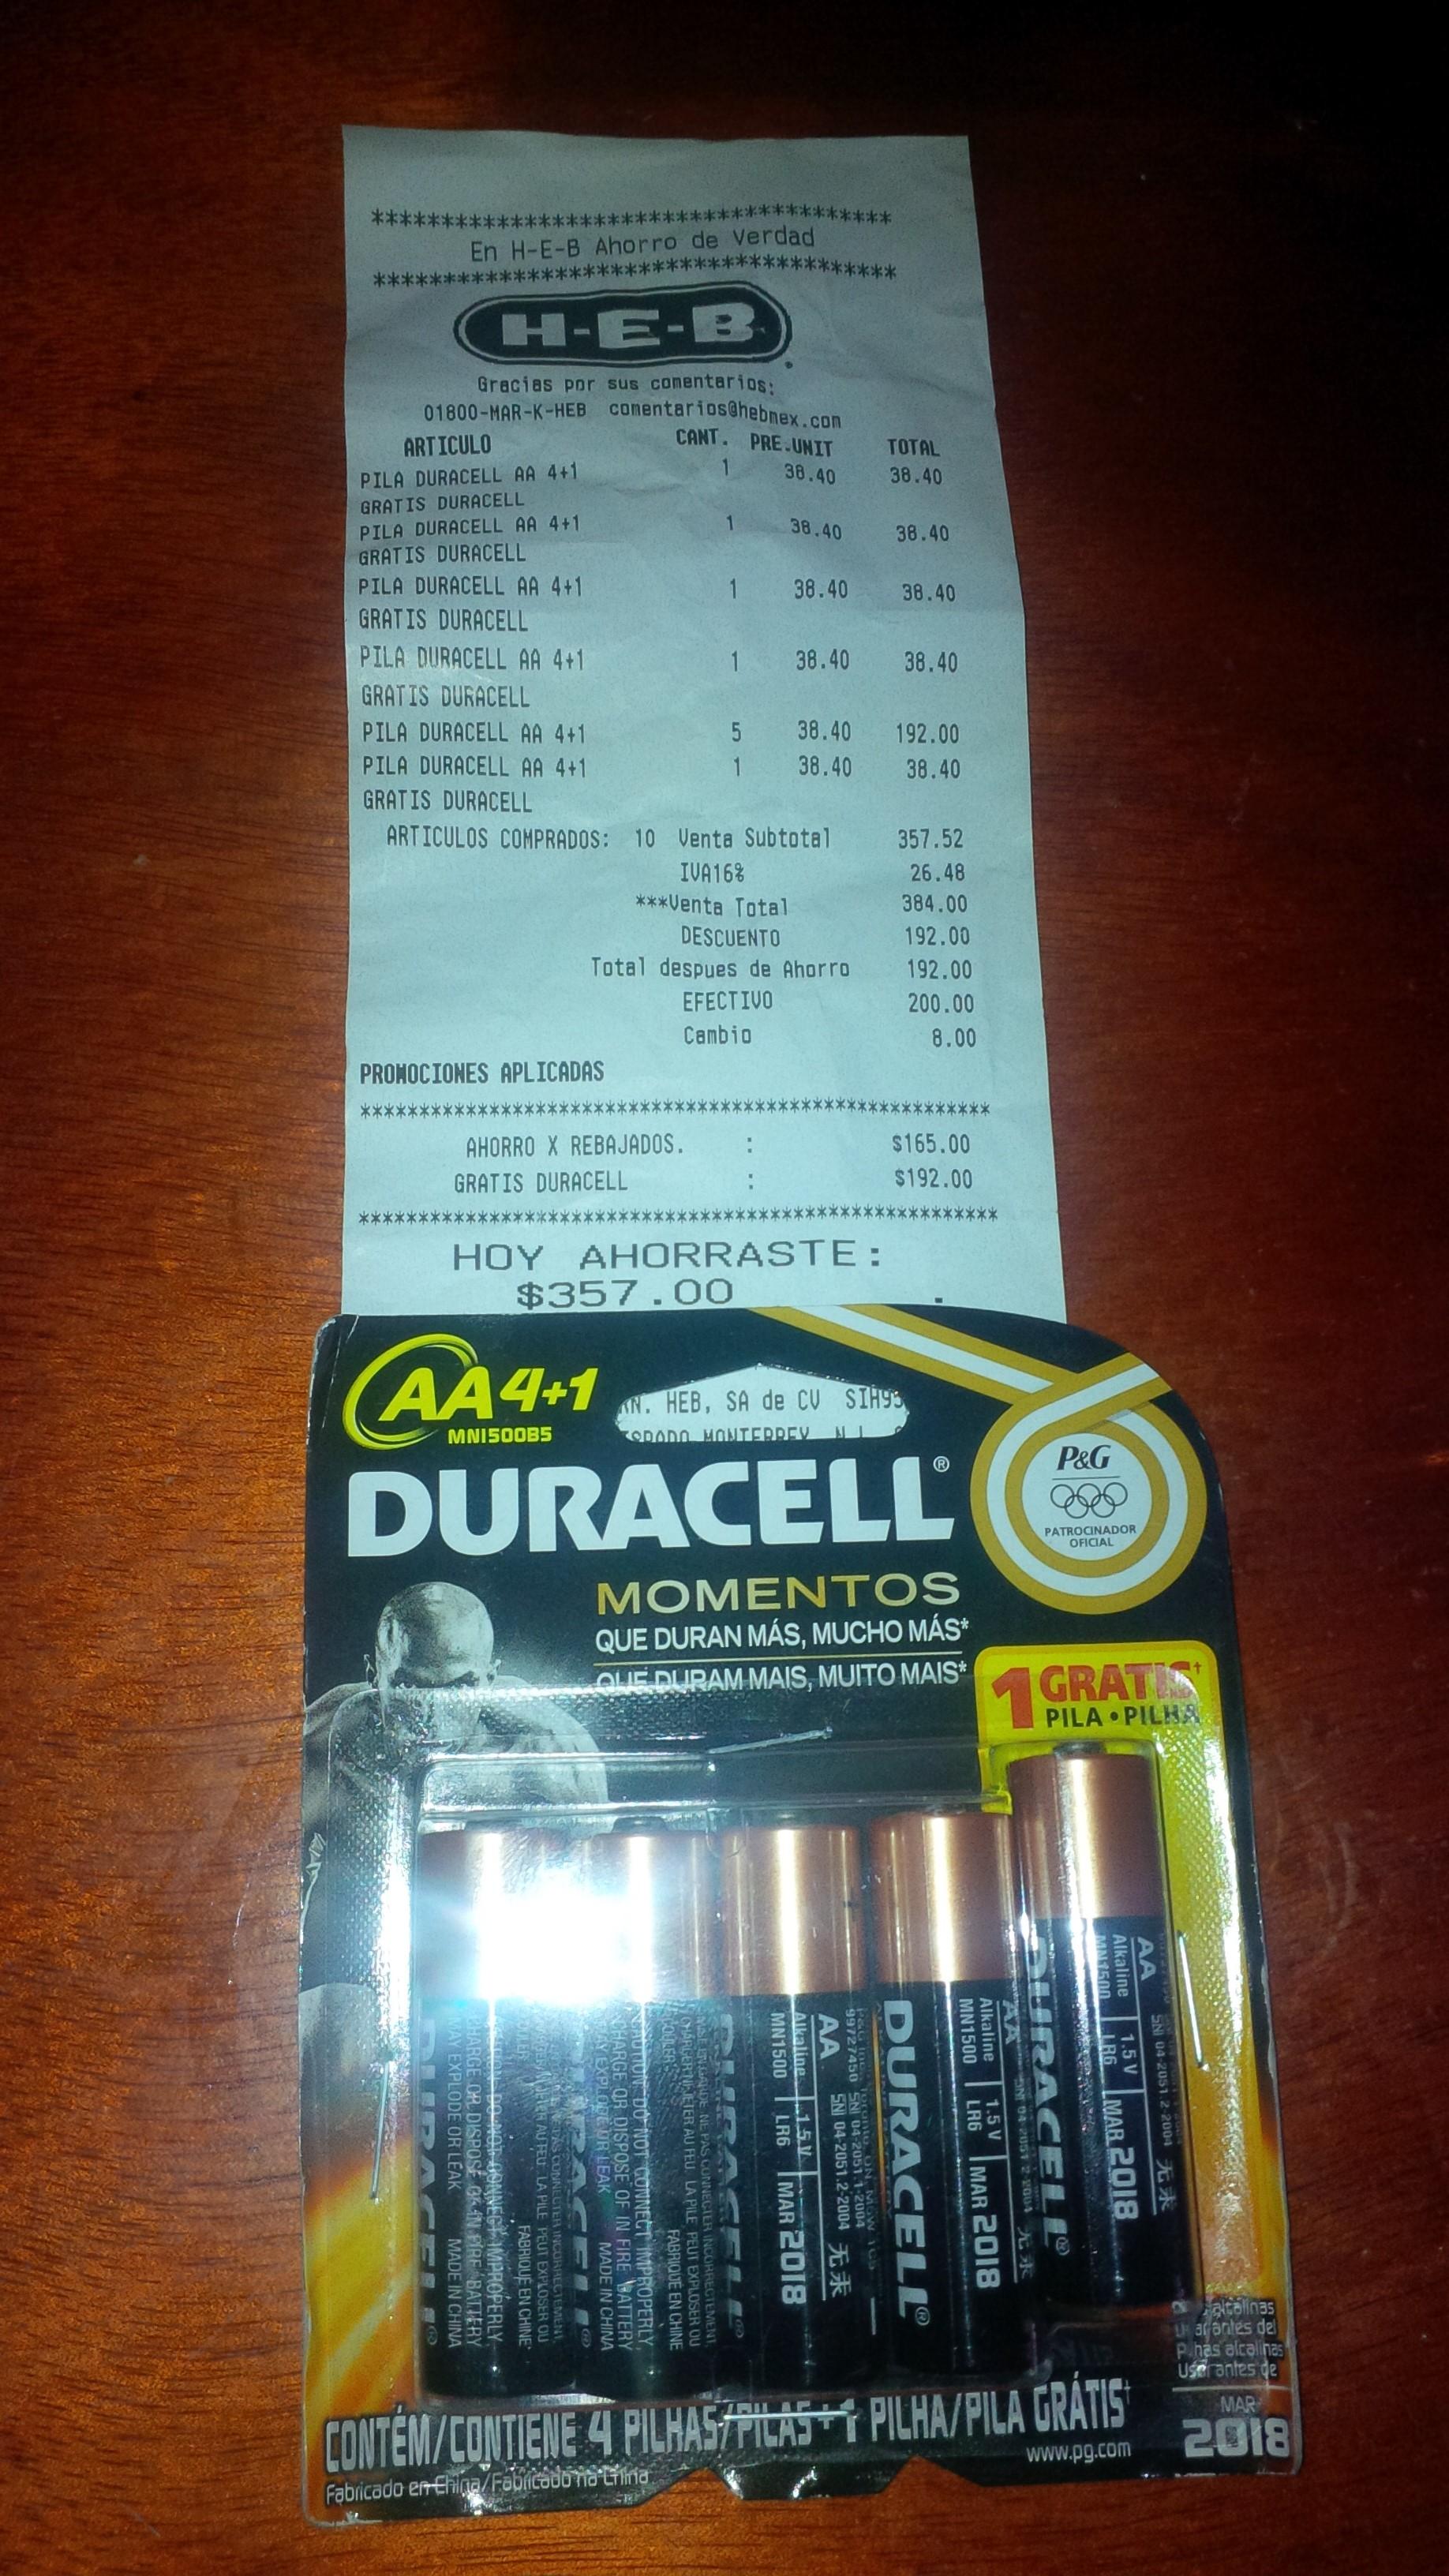 HEB: 2x1 en pilas Duracell (5 Piezas AA $19.20)